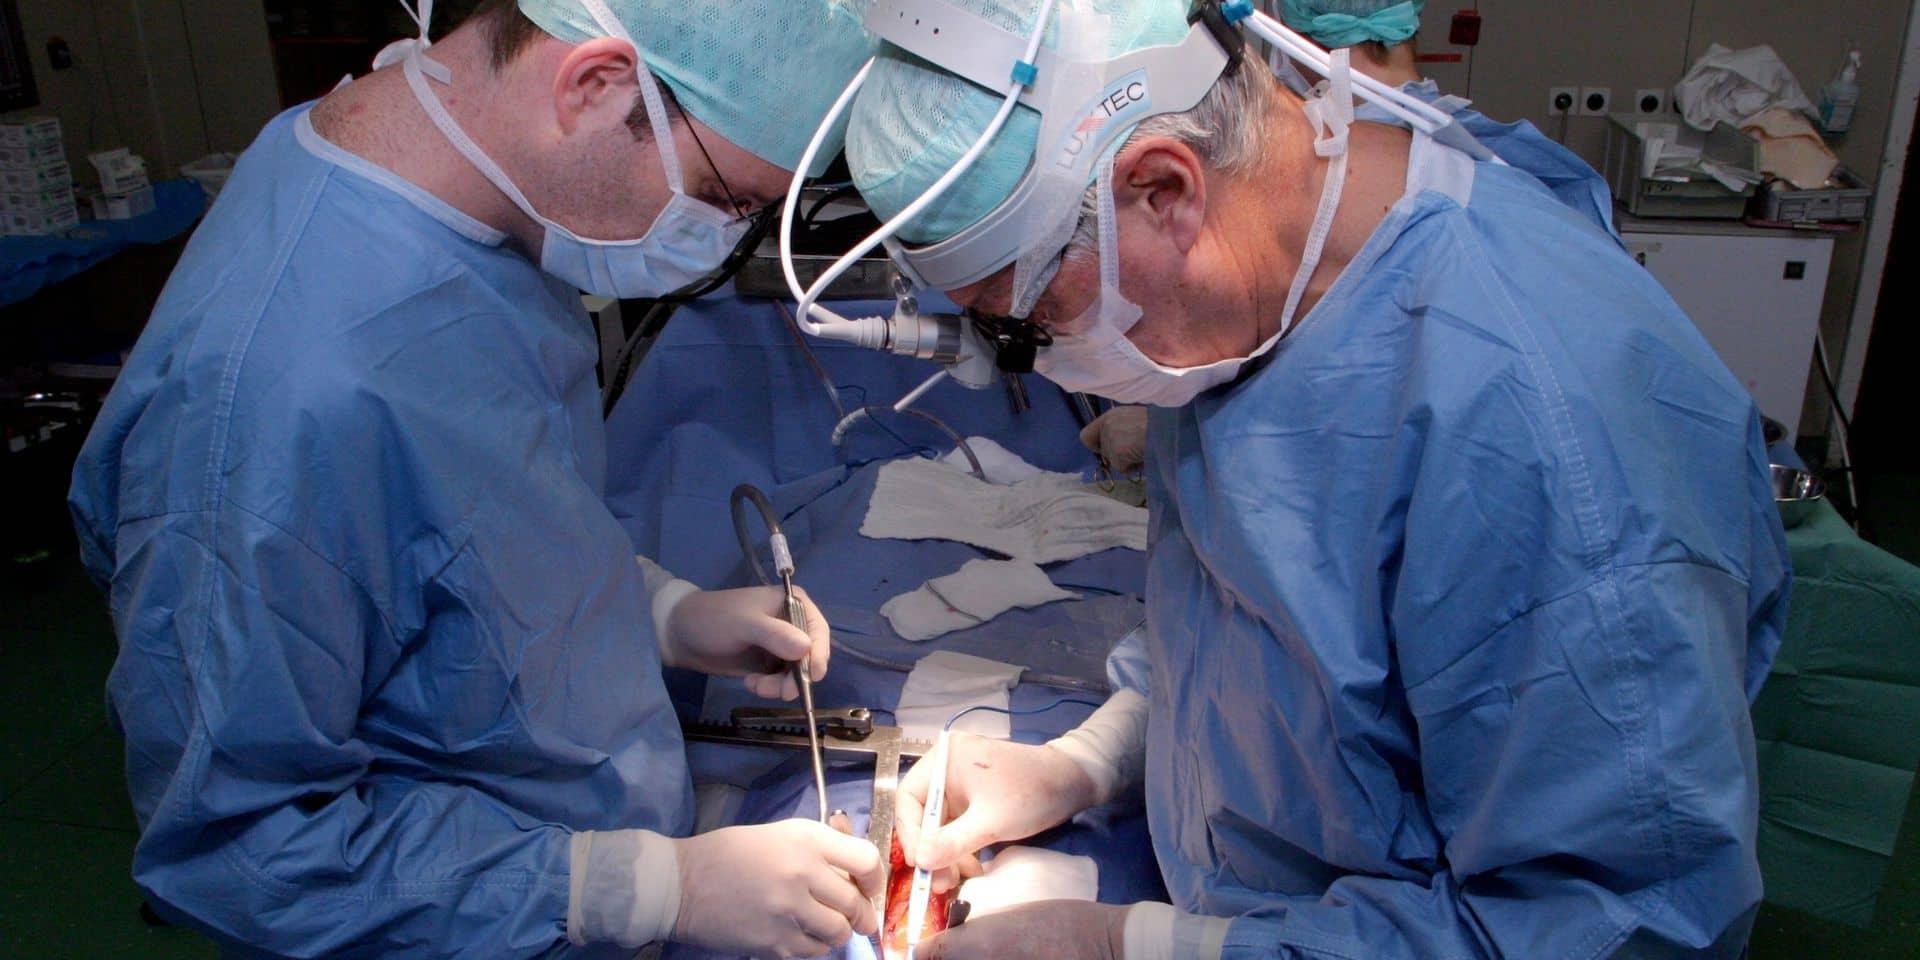 Une incision de 5 cm pour remplacer une opération à cœur ouvert?